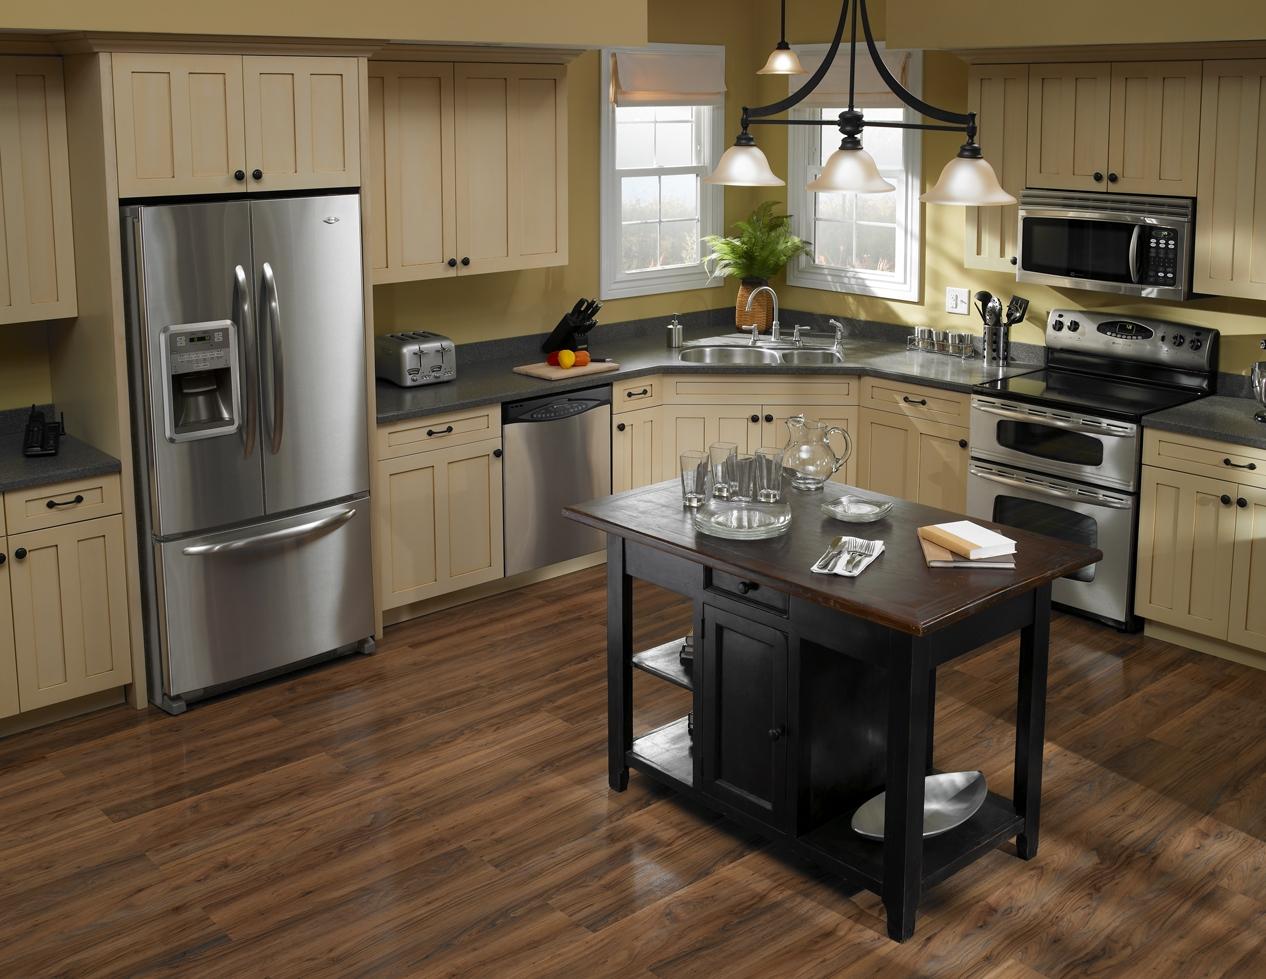 maytag kitchen appliances best island are good  wow blog